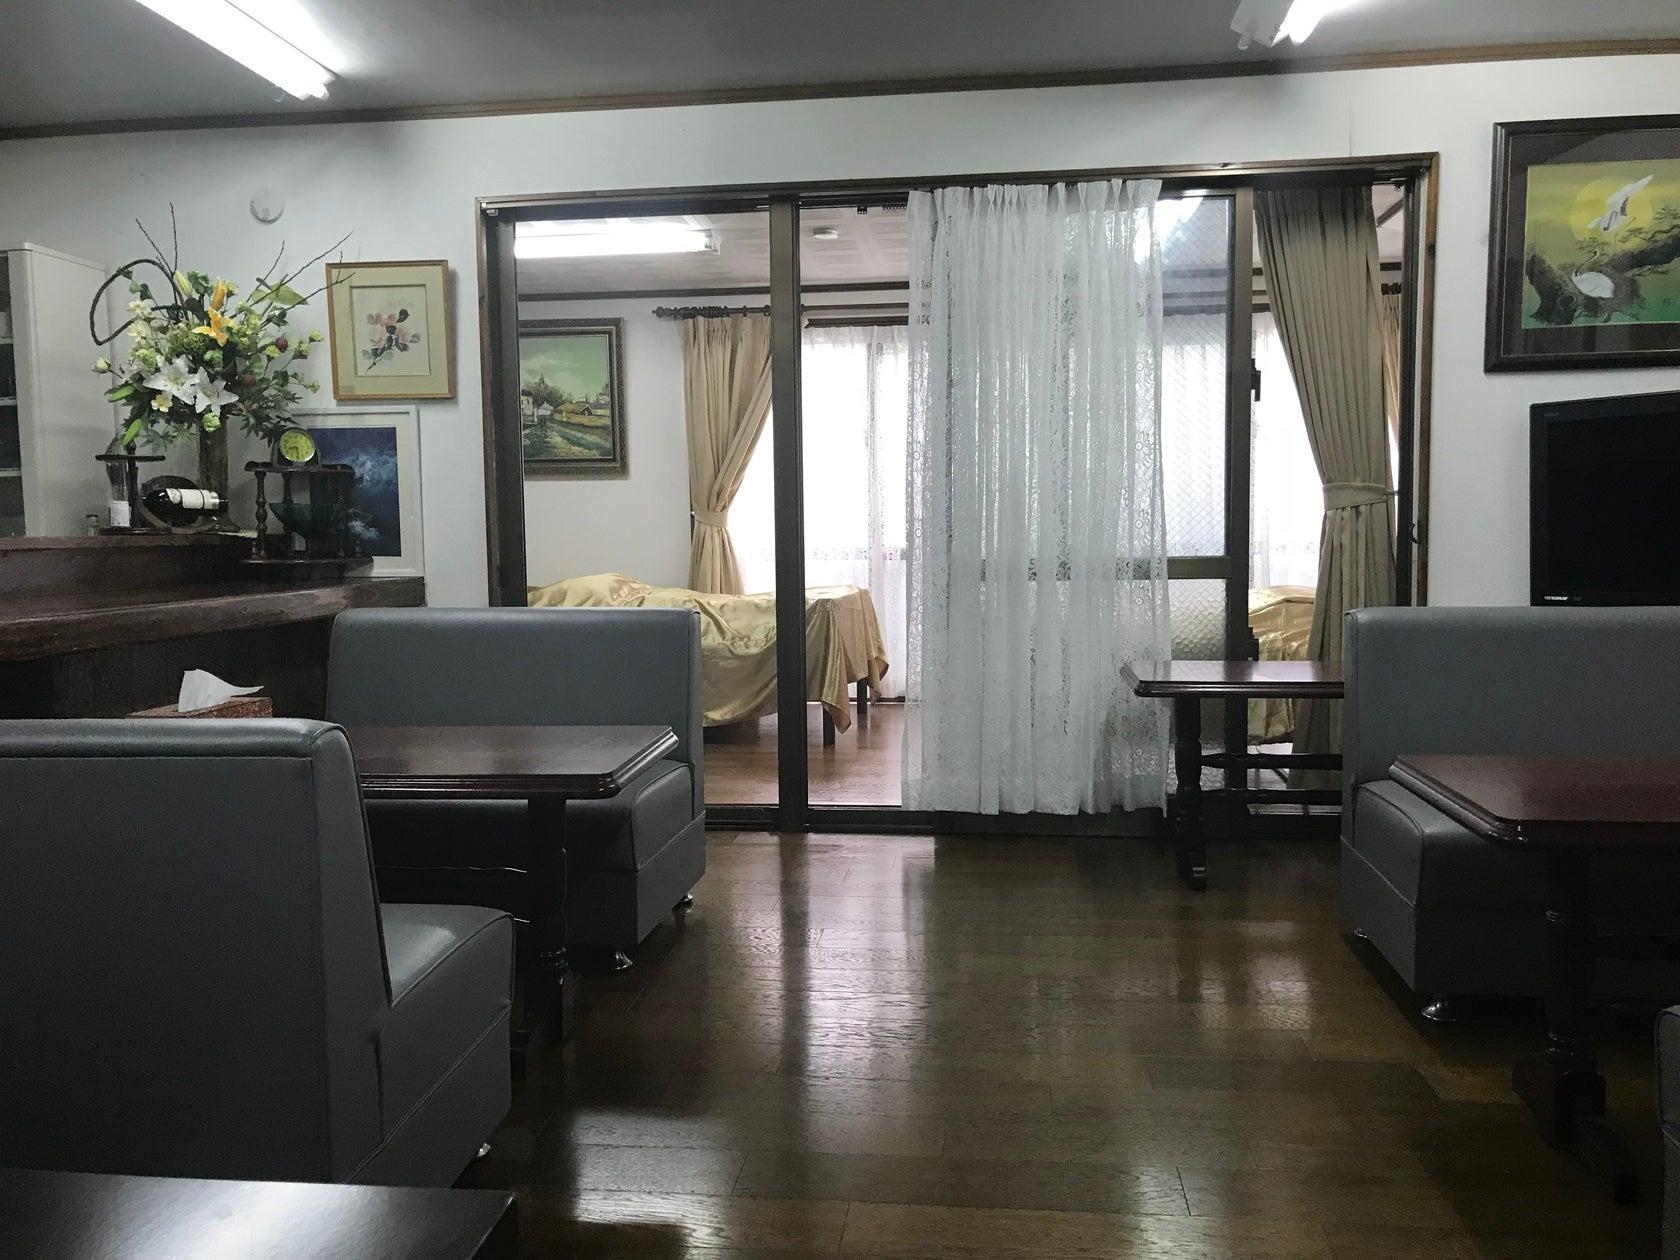 パティ―、教室、宿泊に、簡易キッチン付カフェ1部屋、宿泊に個室2部屋、ご利用ください!! のサムネイル